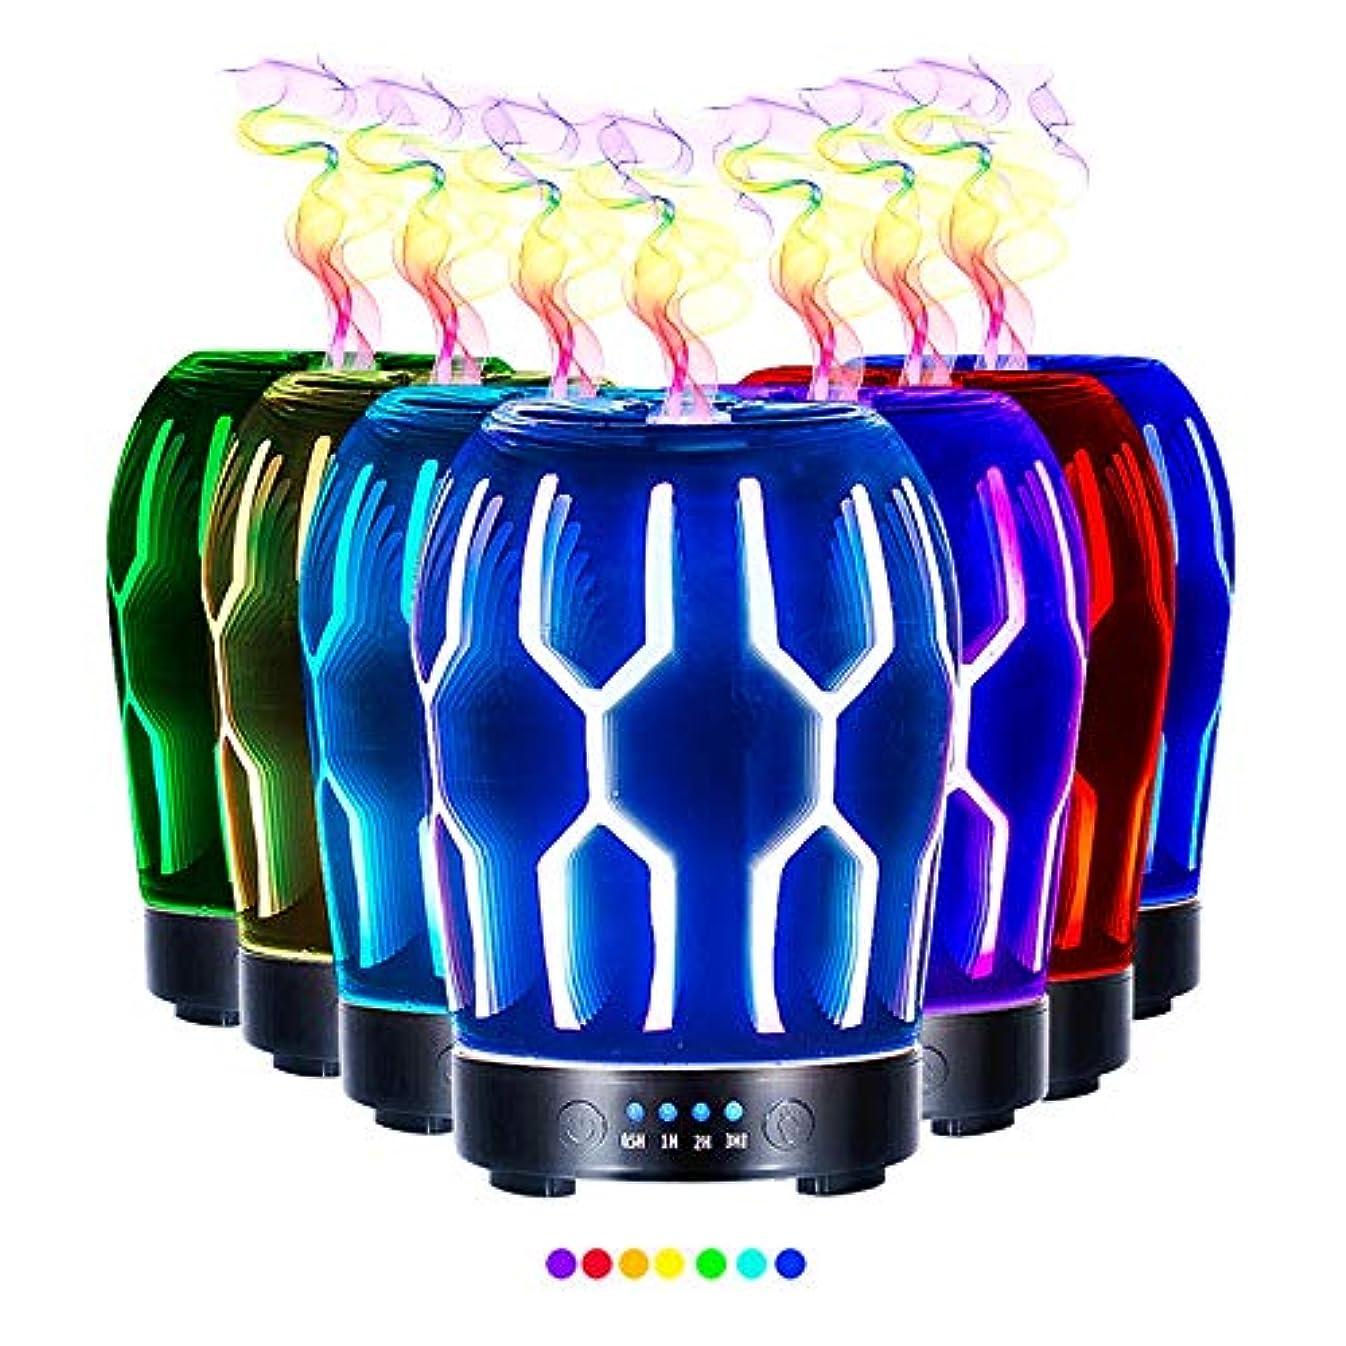 トリプル興味記憶に残るエッセンシャルオイル用ディフューザー (100ml)-クリエイティブガラスハッカーマトリックスアロマ加湿器7色の変更 LED ライト & 4 タイマー設定、水なしの自動シャットオフ